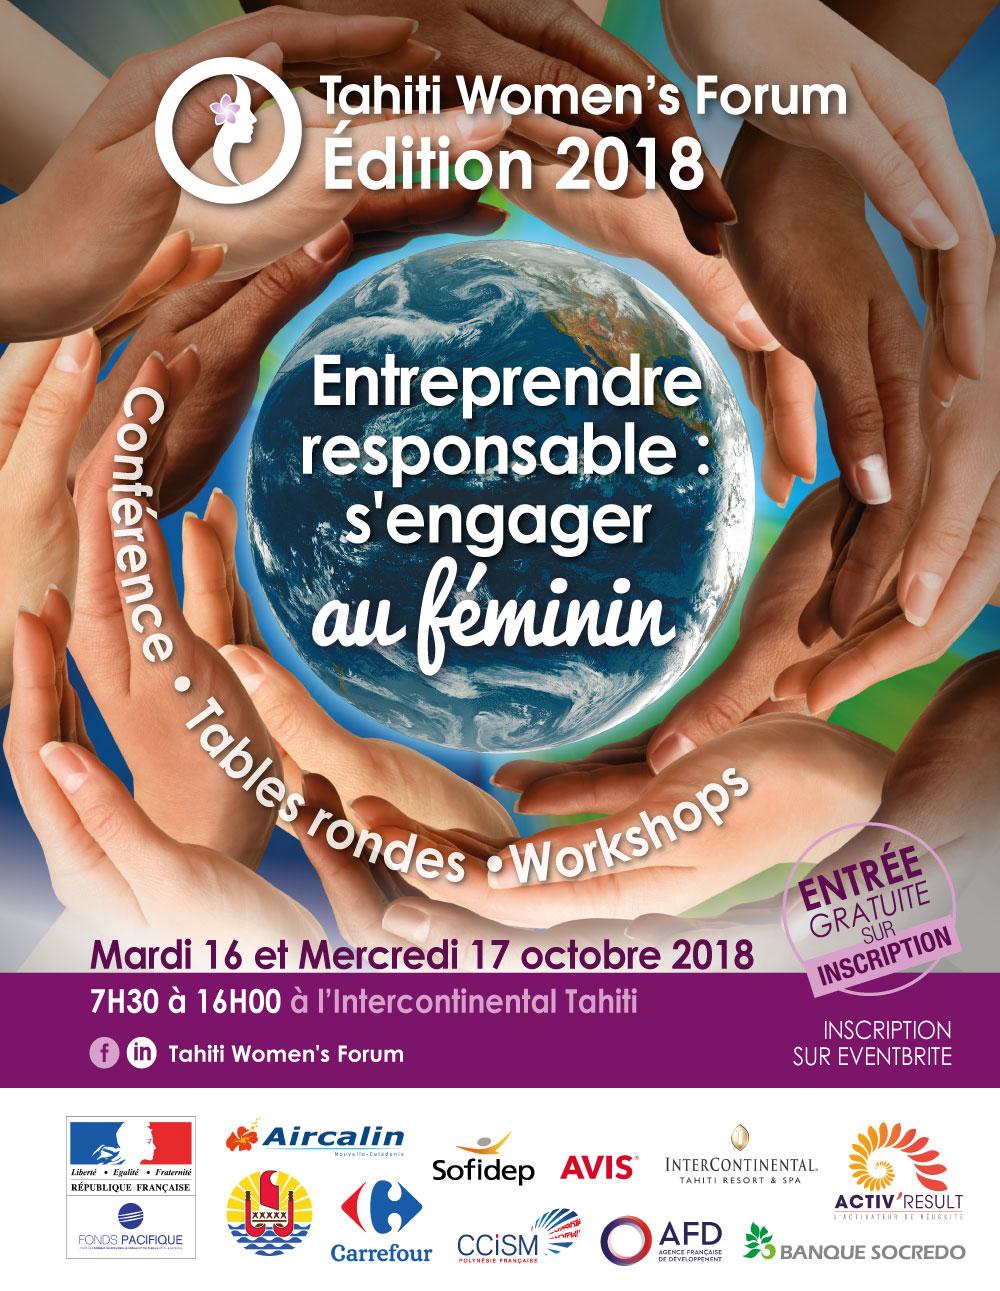 La 2e édition du Tahiti Women's Forum aura lieu les 16 et 17 octobre